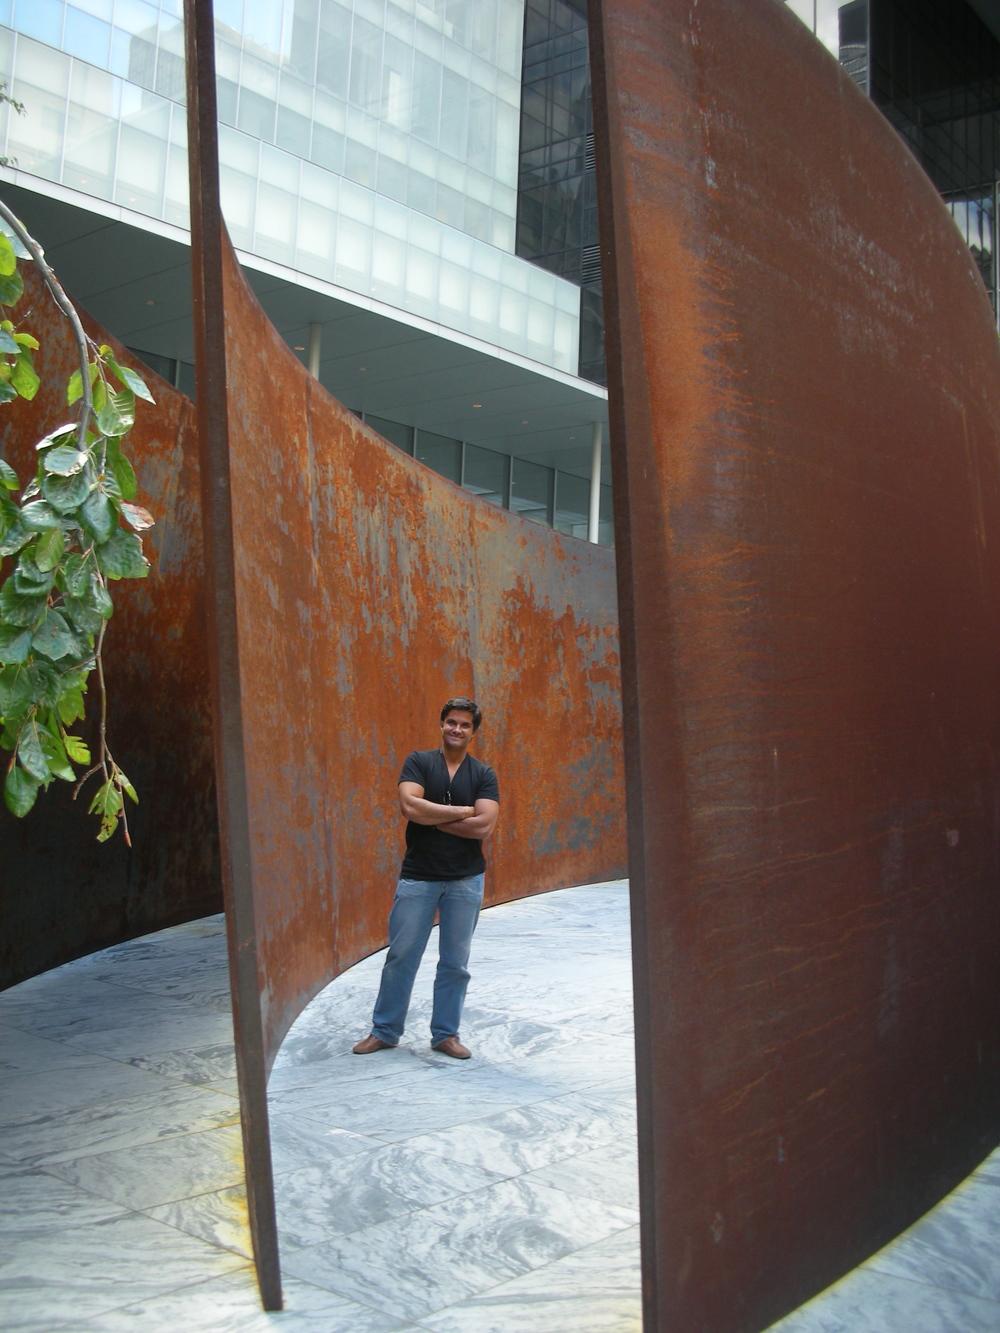 Richard Serra exhibition at the MOMA, NY